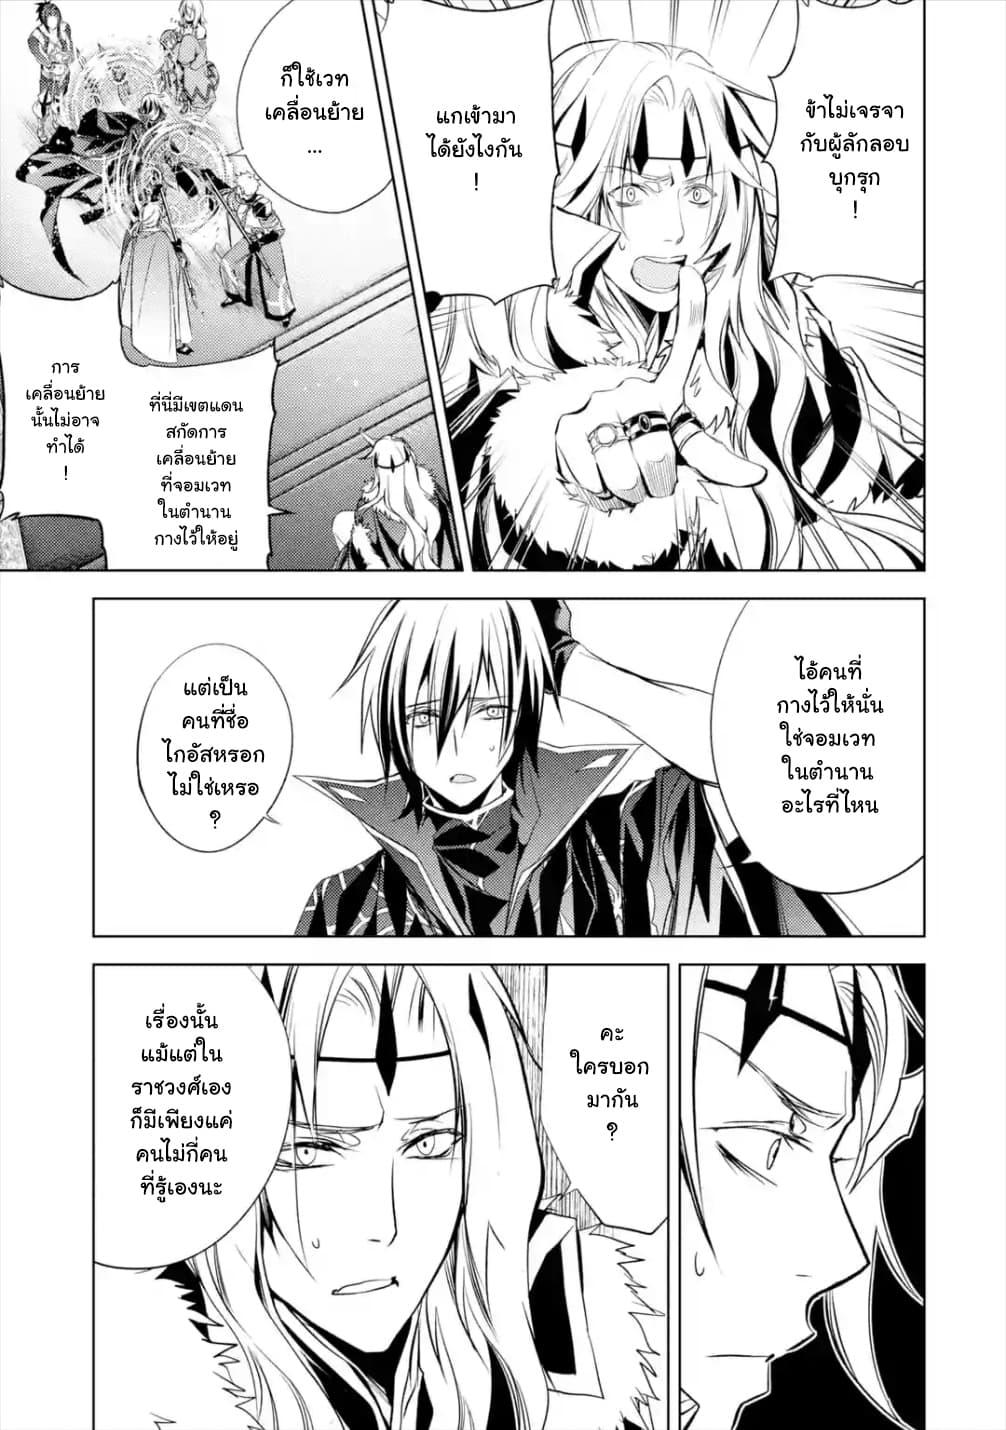 อ่านการ์ตูน Senmetsumadou no Saikyokenja ตอนที่ 5.1 หน้าที่ 5